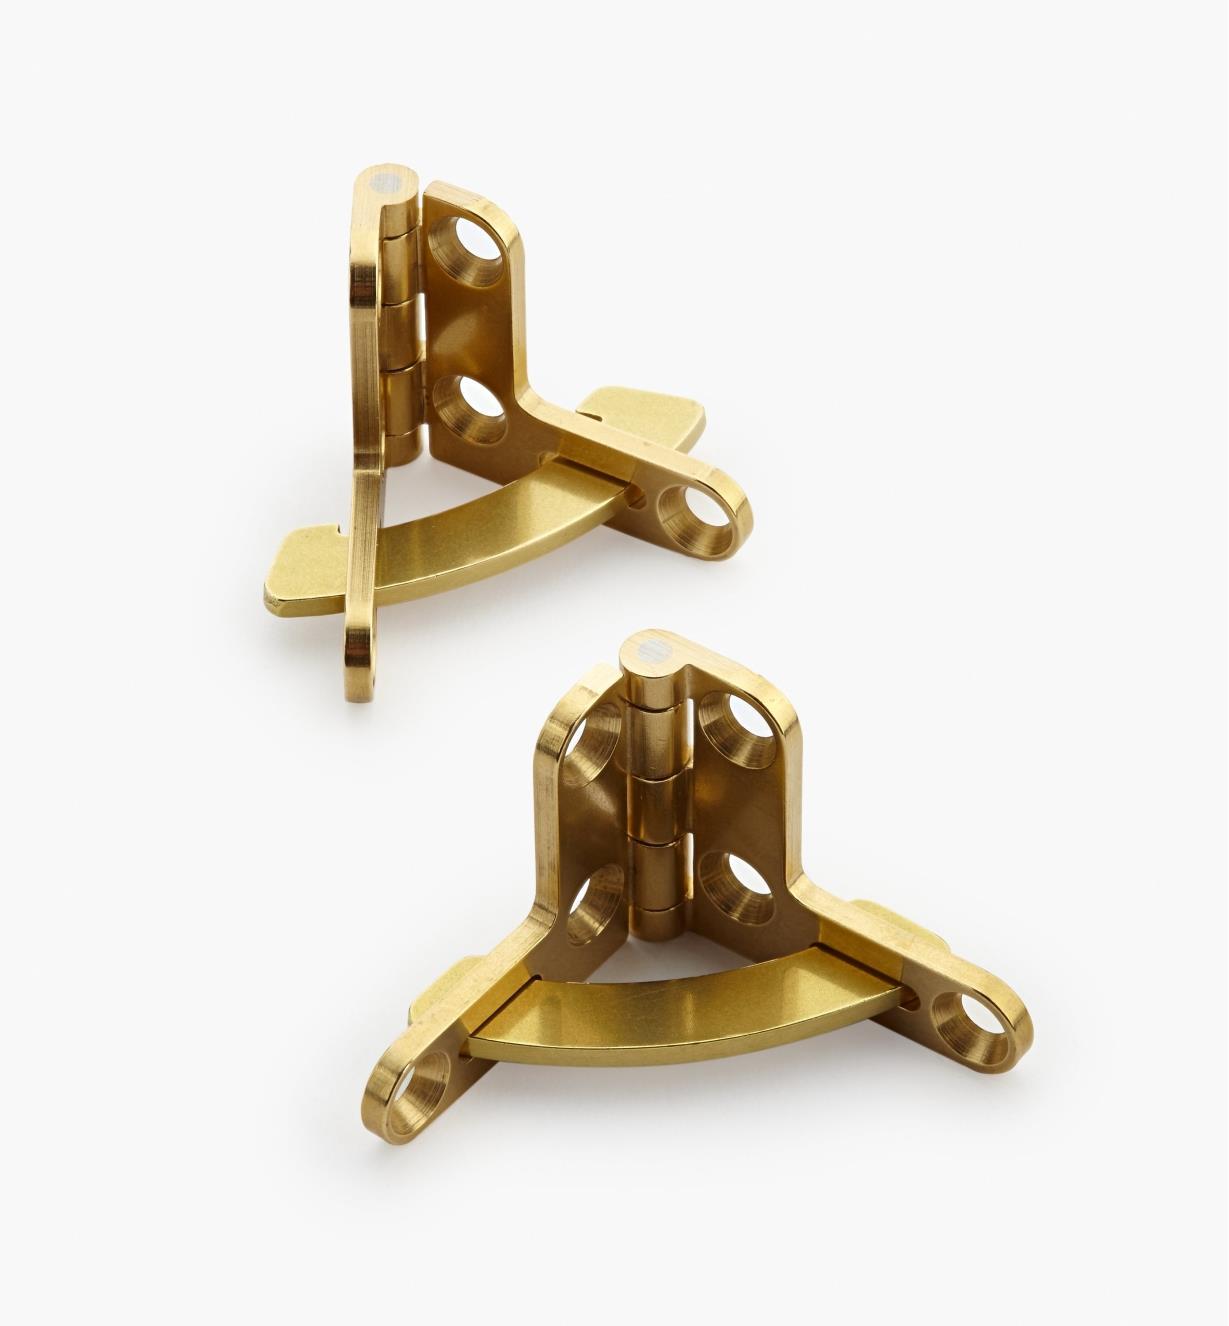 01B0501 - Charnières à compas pour coffret Brusso, 1 po x 5/16 po, la paire